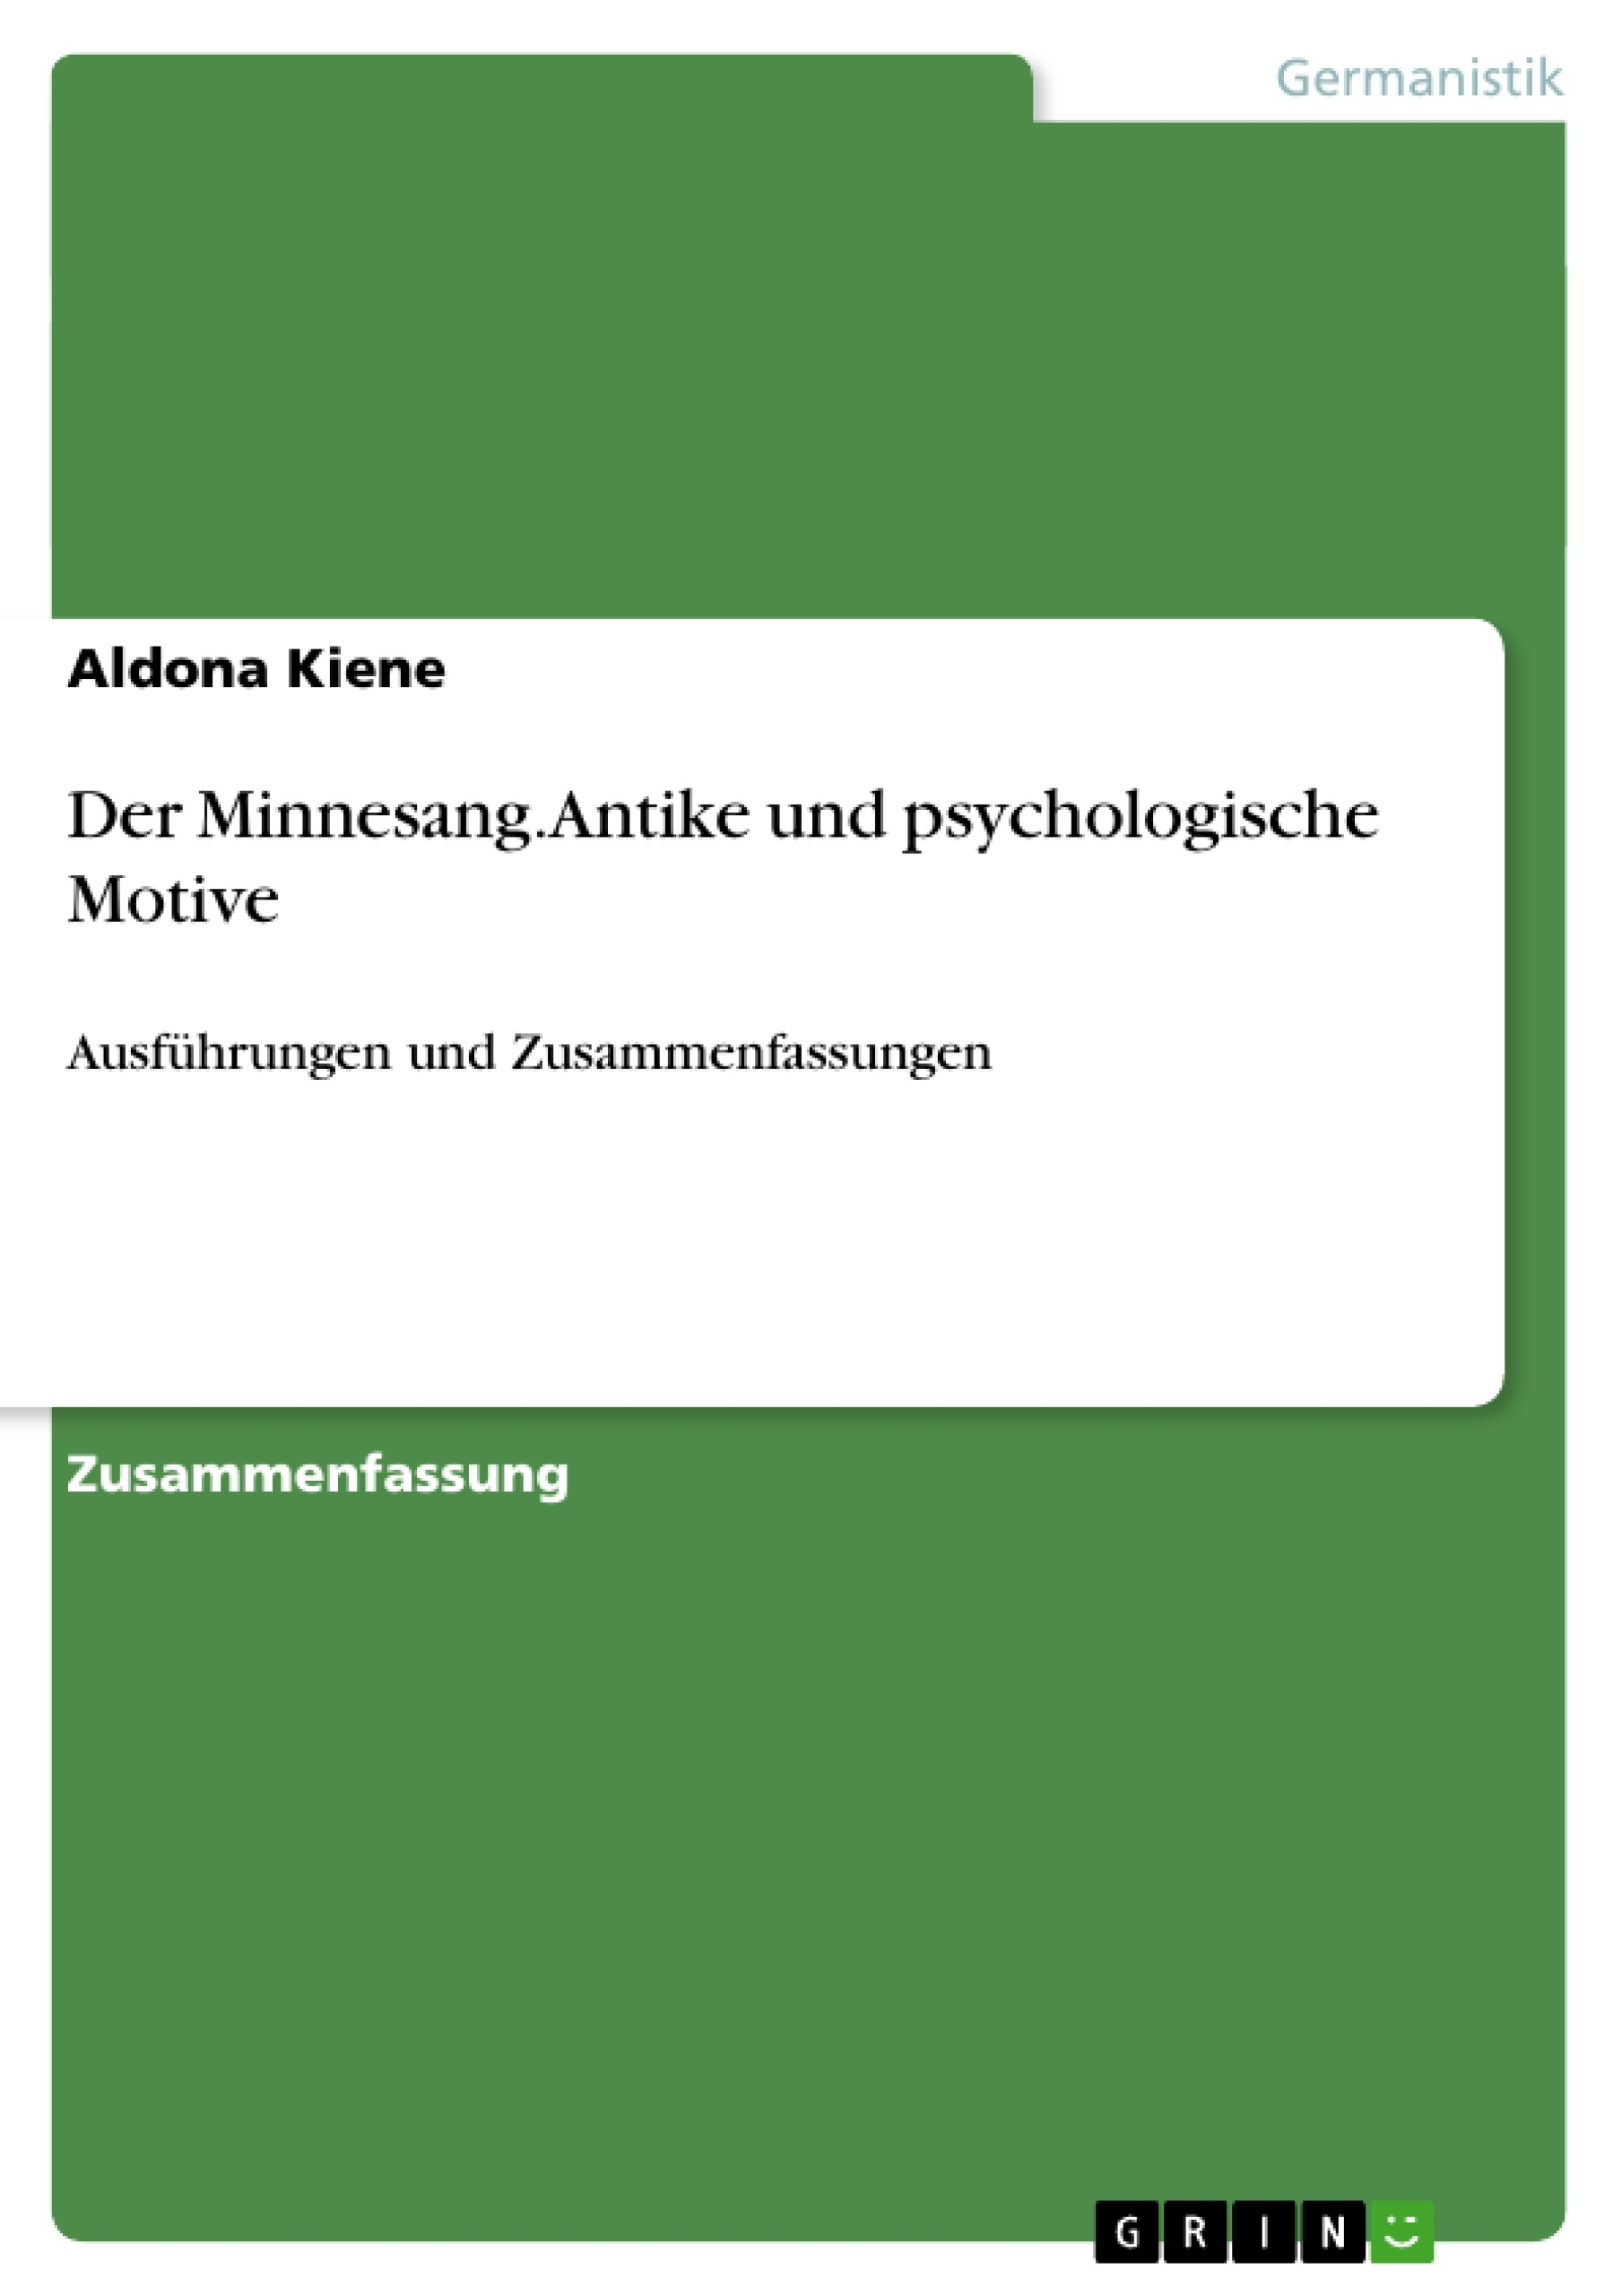 Titel: Der Minnesang. Antike und psychologische Motive